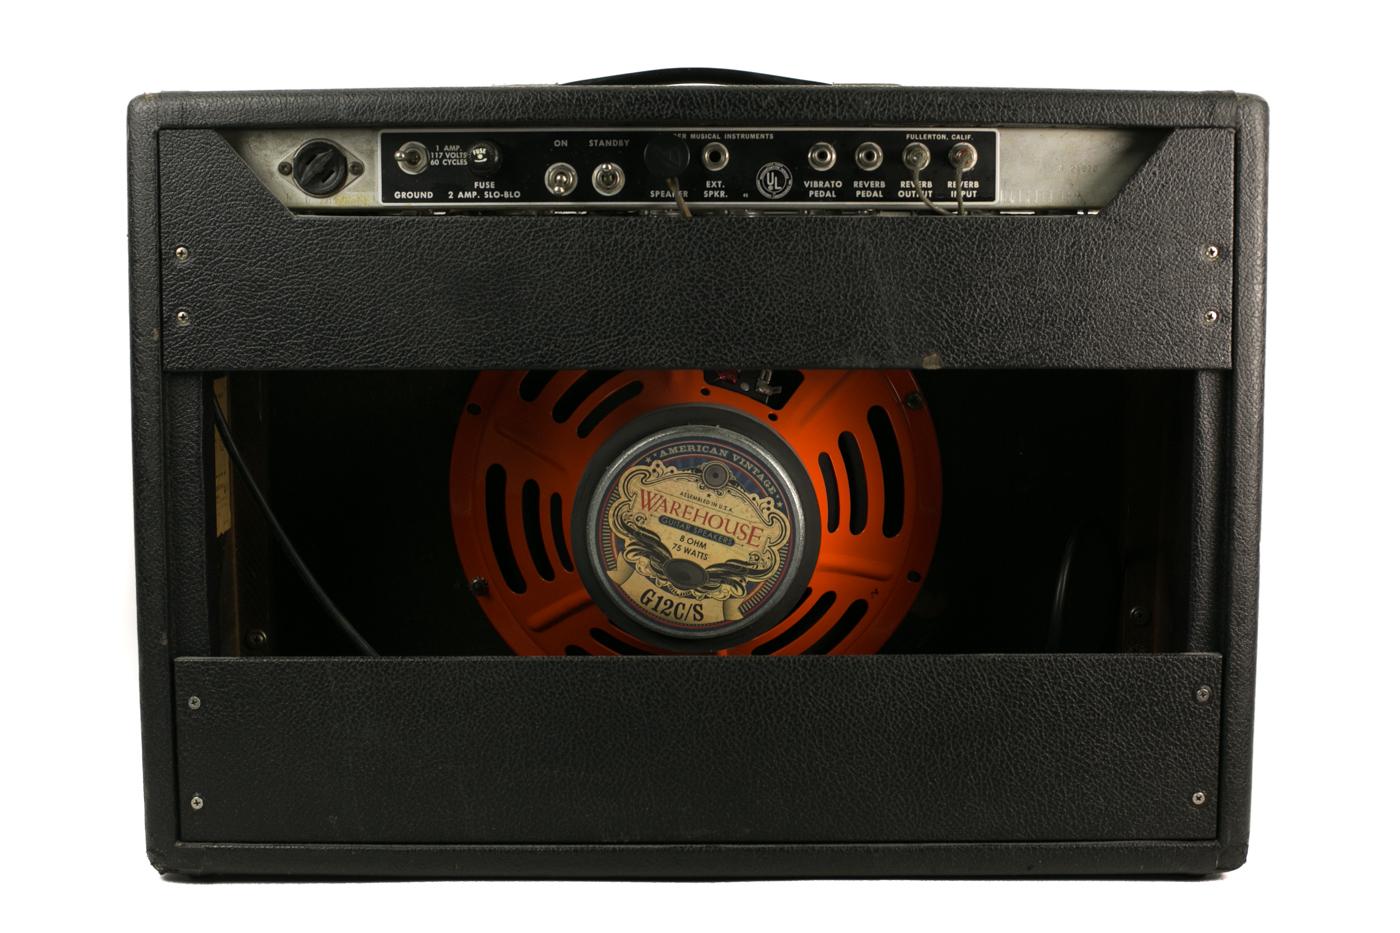 1967 Fender Deluxe Reverb Blackface detail 1